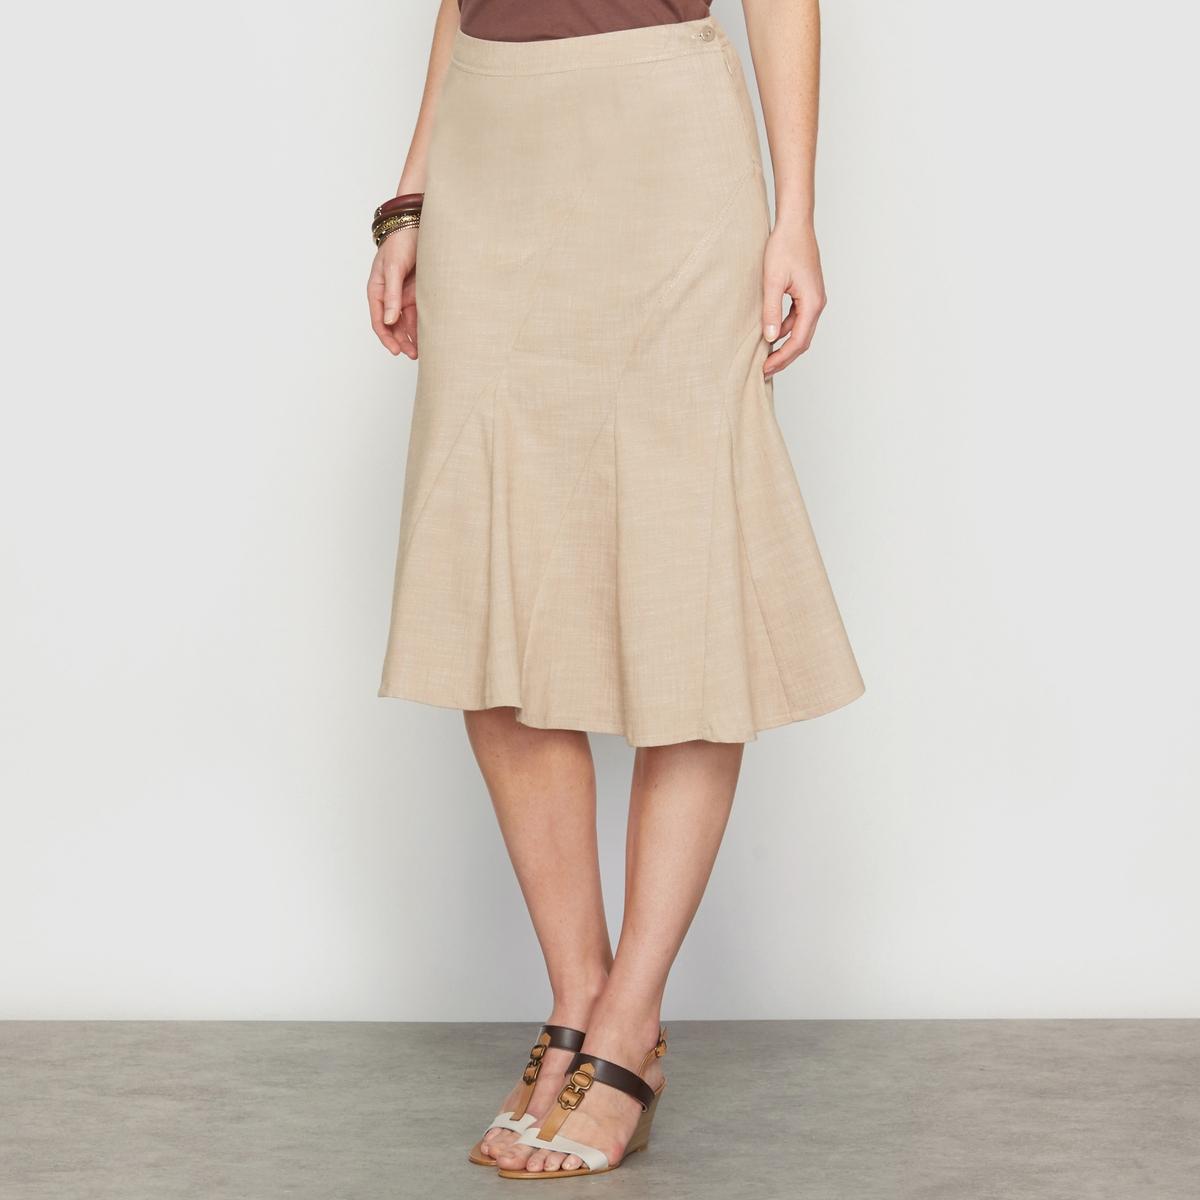 Юбка асимметричная из денима стретчАсимметричная джинсовая юбка . Пояс с невидимой застежкой на молнию и пуговицу. Оригинальные отрезные детали спереди и сзади, слегка контрастные видимые строчки. Длина . 62 см .    Ткань с преимуществами денима, но более тонкая и легкая . 62% хлопка, 37% полиэстера, 1% эластана .<br><br>Цвет: бежевый<br>Размер: 44 (FR) - 50 (RUS).48 (FR) - 54 (RUS)